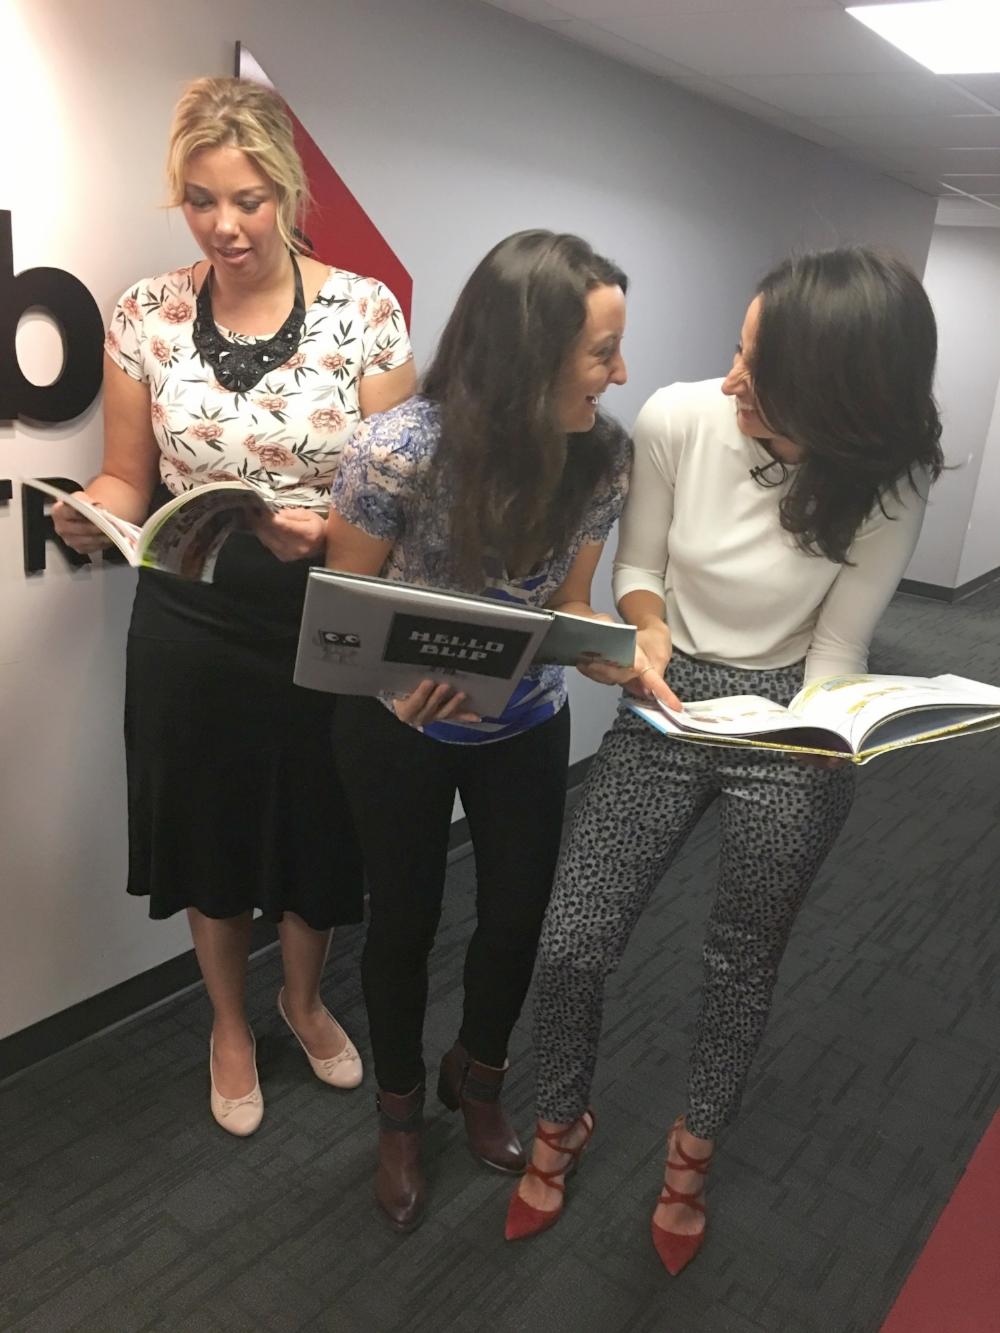 Je suis une maman - Jaime Damak à la télé - Global Montréal - suggestions de livres - look